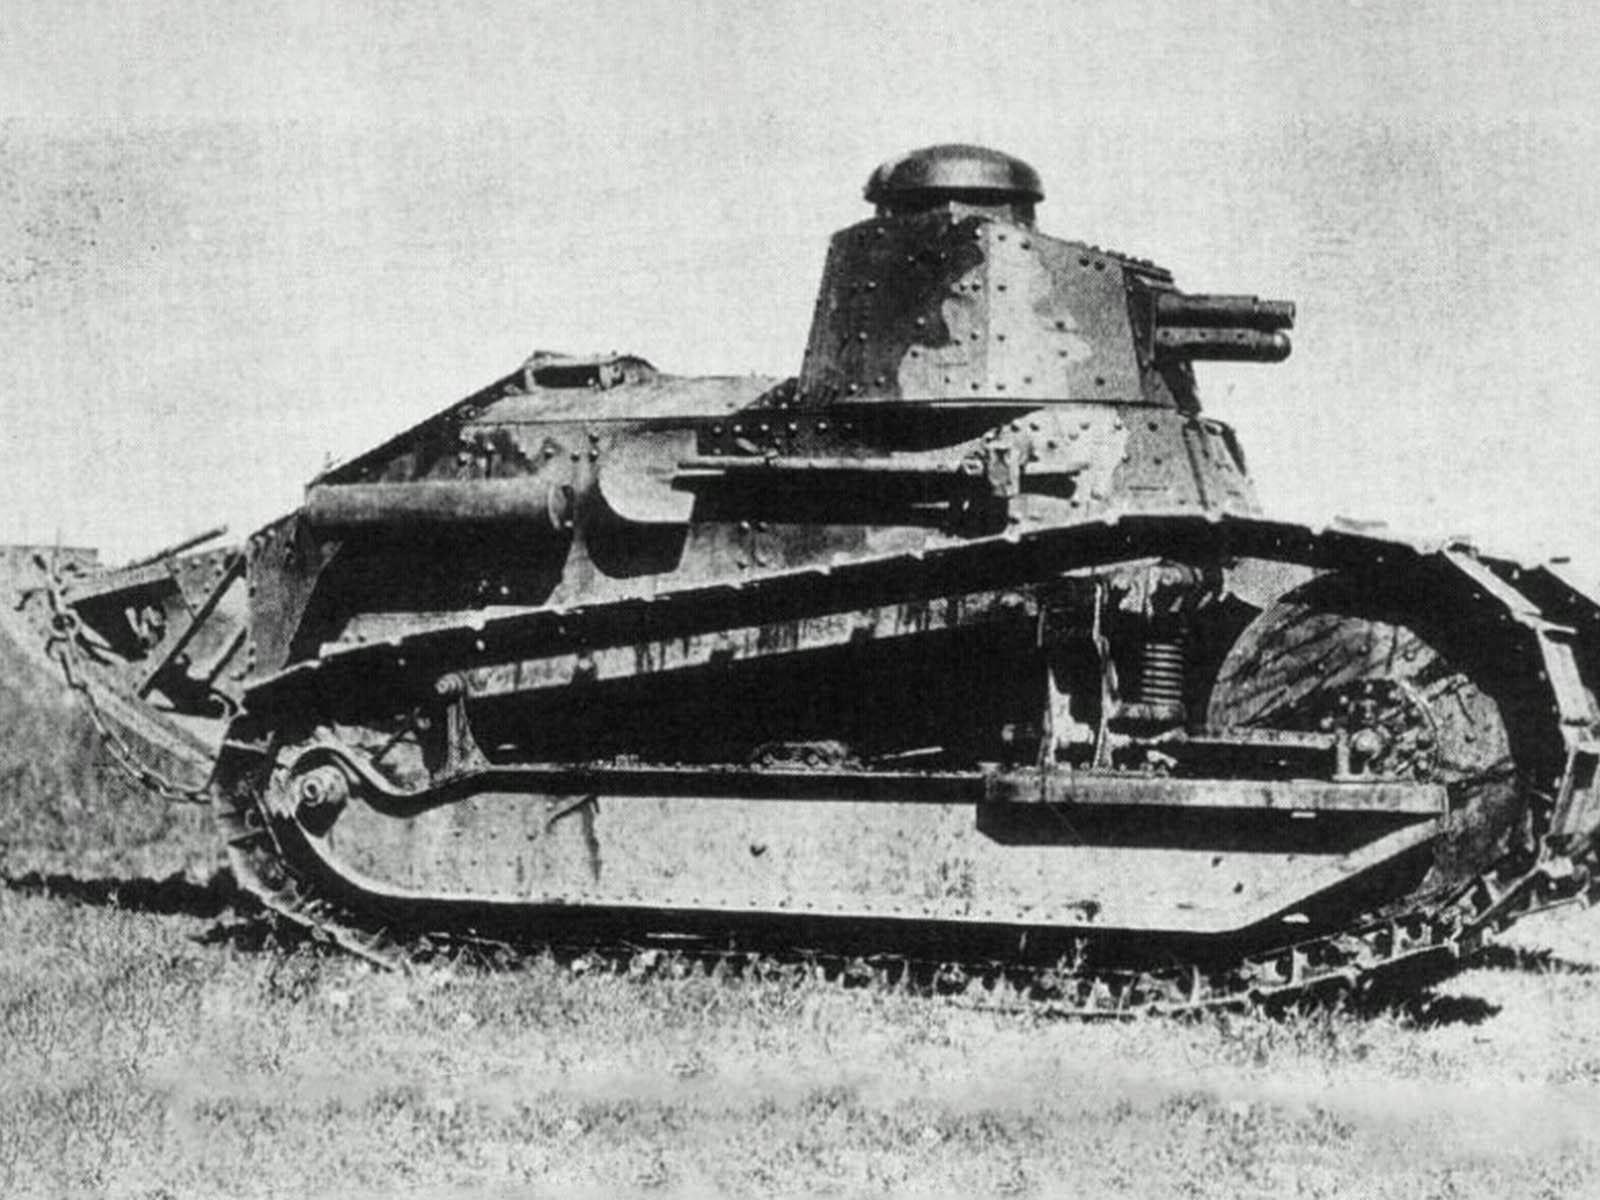 cartier-tank-must-tank-louis-cartier-4.jpg